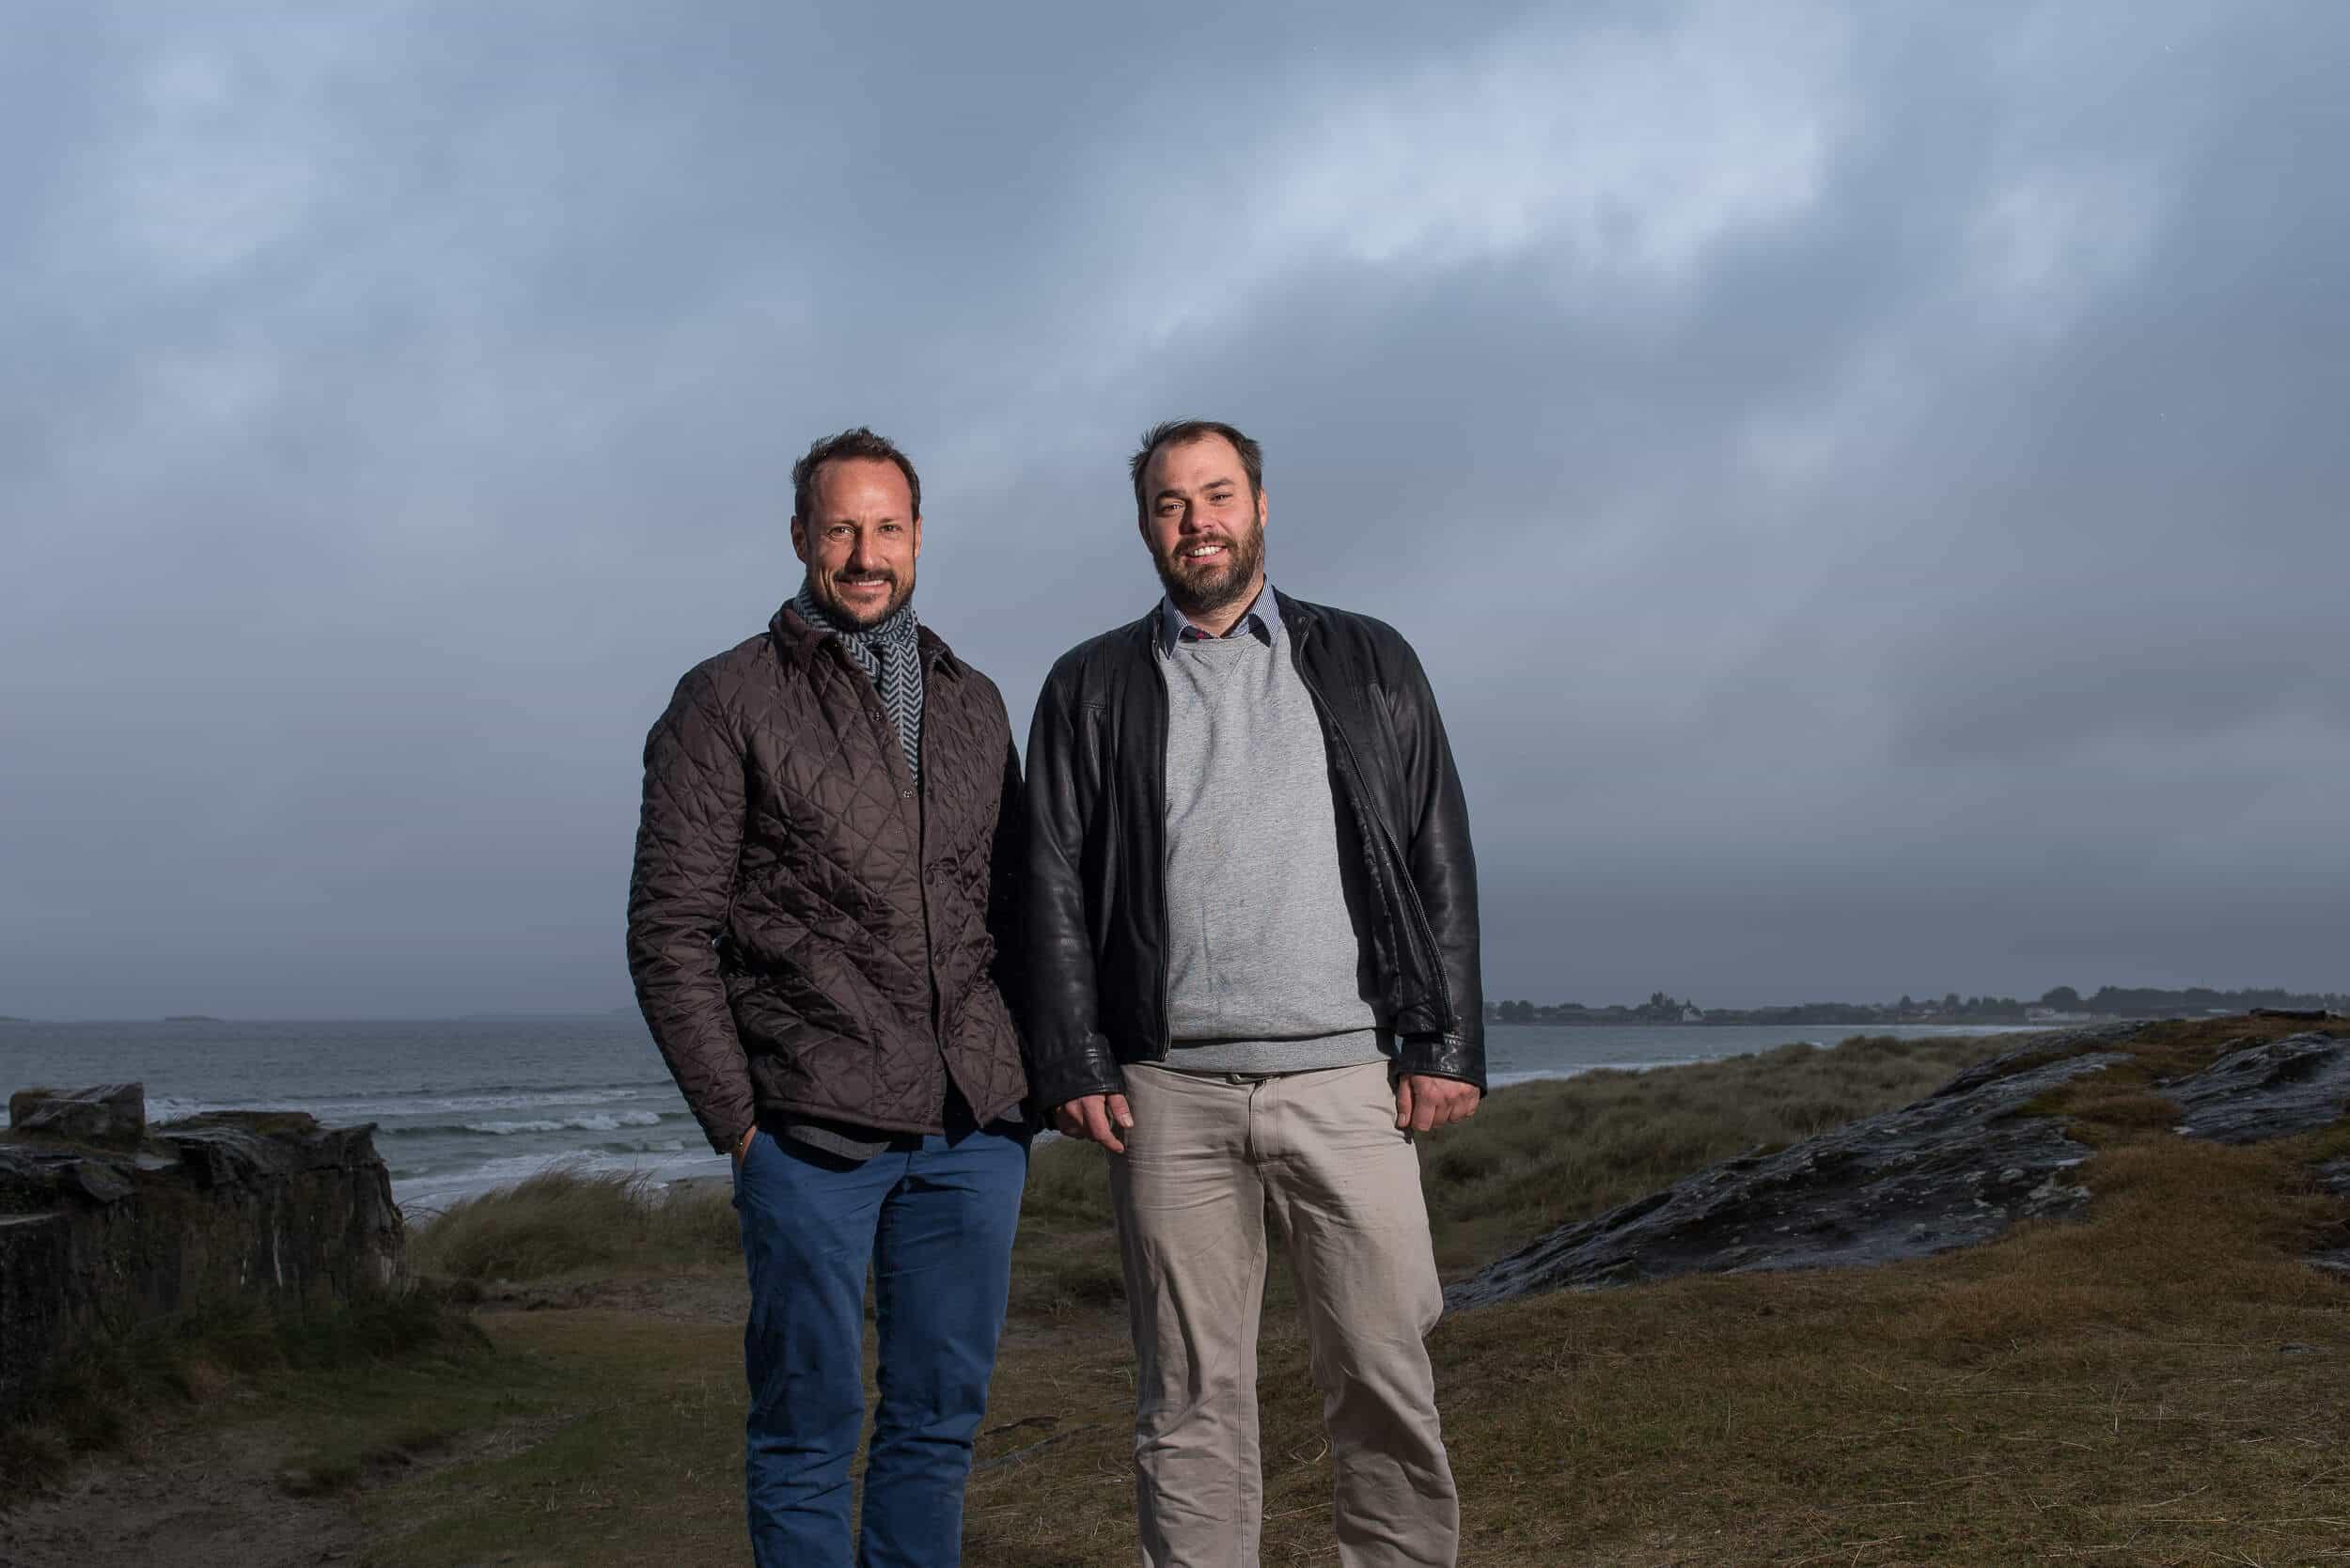 Kronprins Haakon og Tore Kramer, leder av Norsk Surfklubb, etter møte på Solastranda i november. Foto: Felix Skulstad.